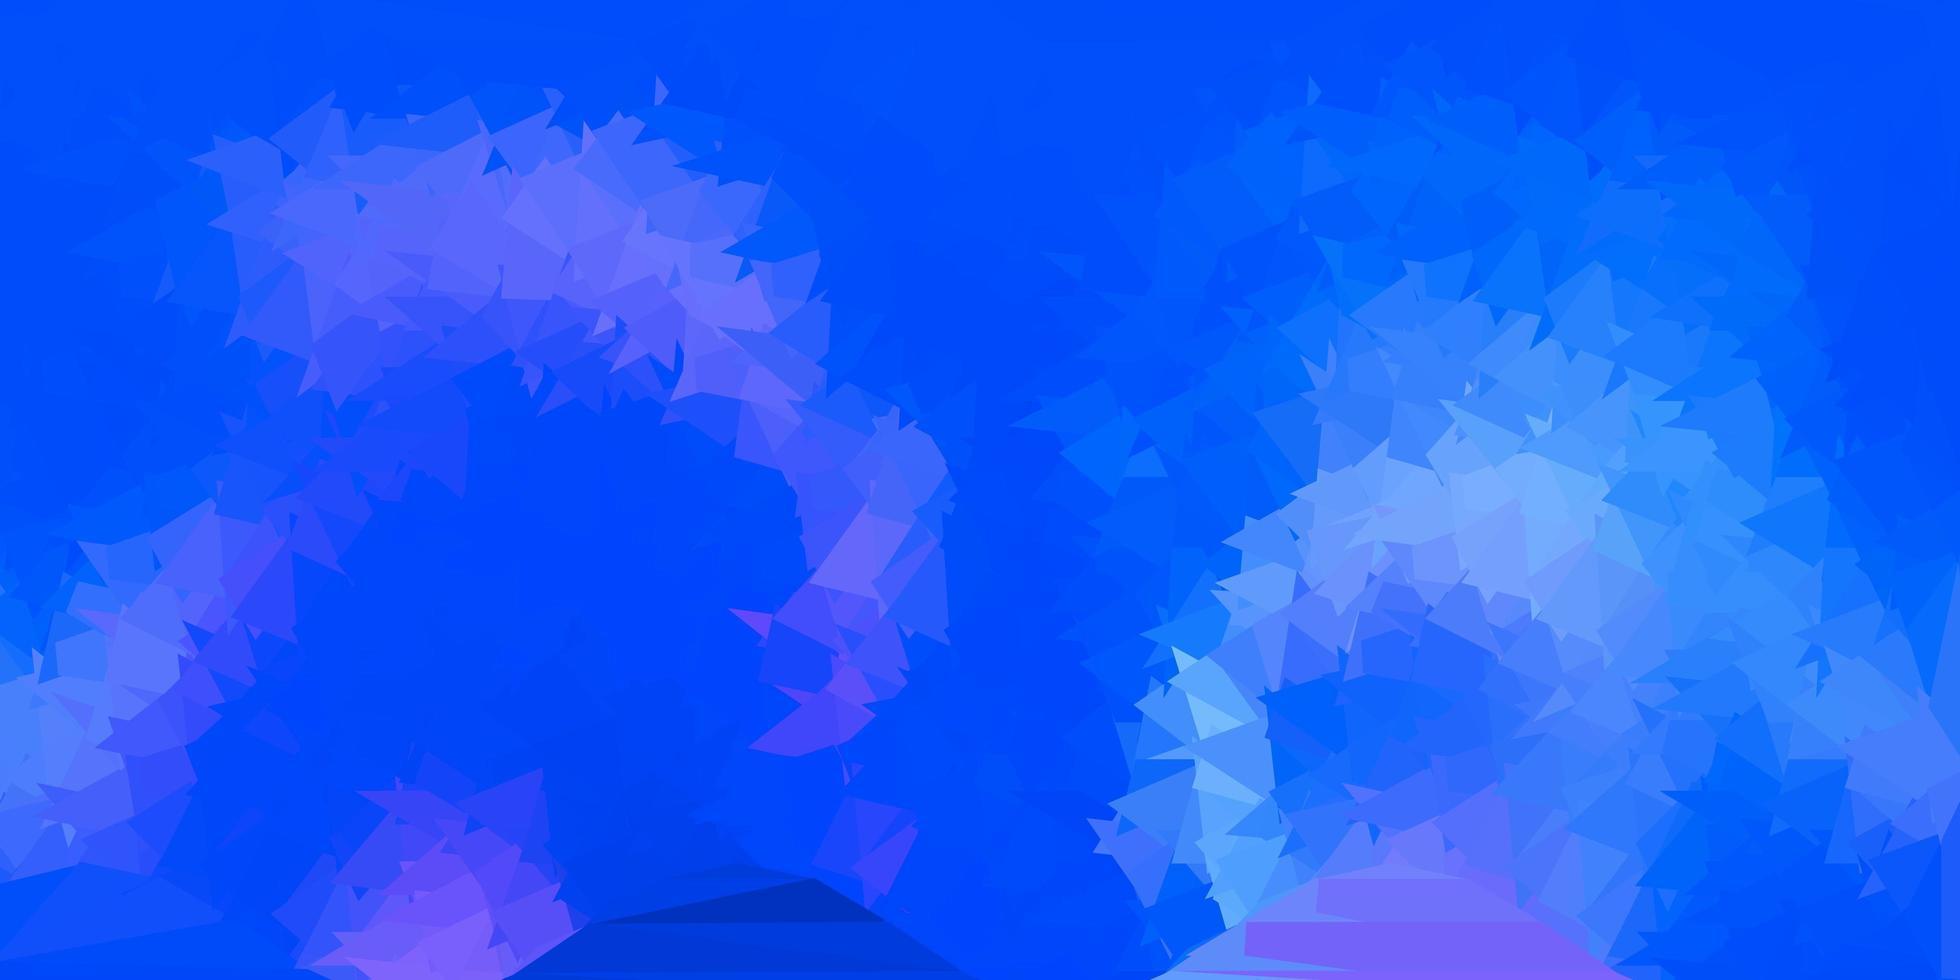 disposition de polygone dégradé vecteur bleu clair.